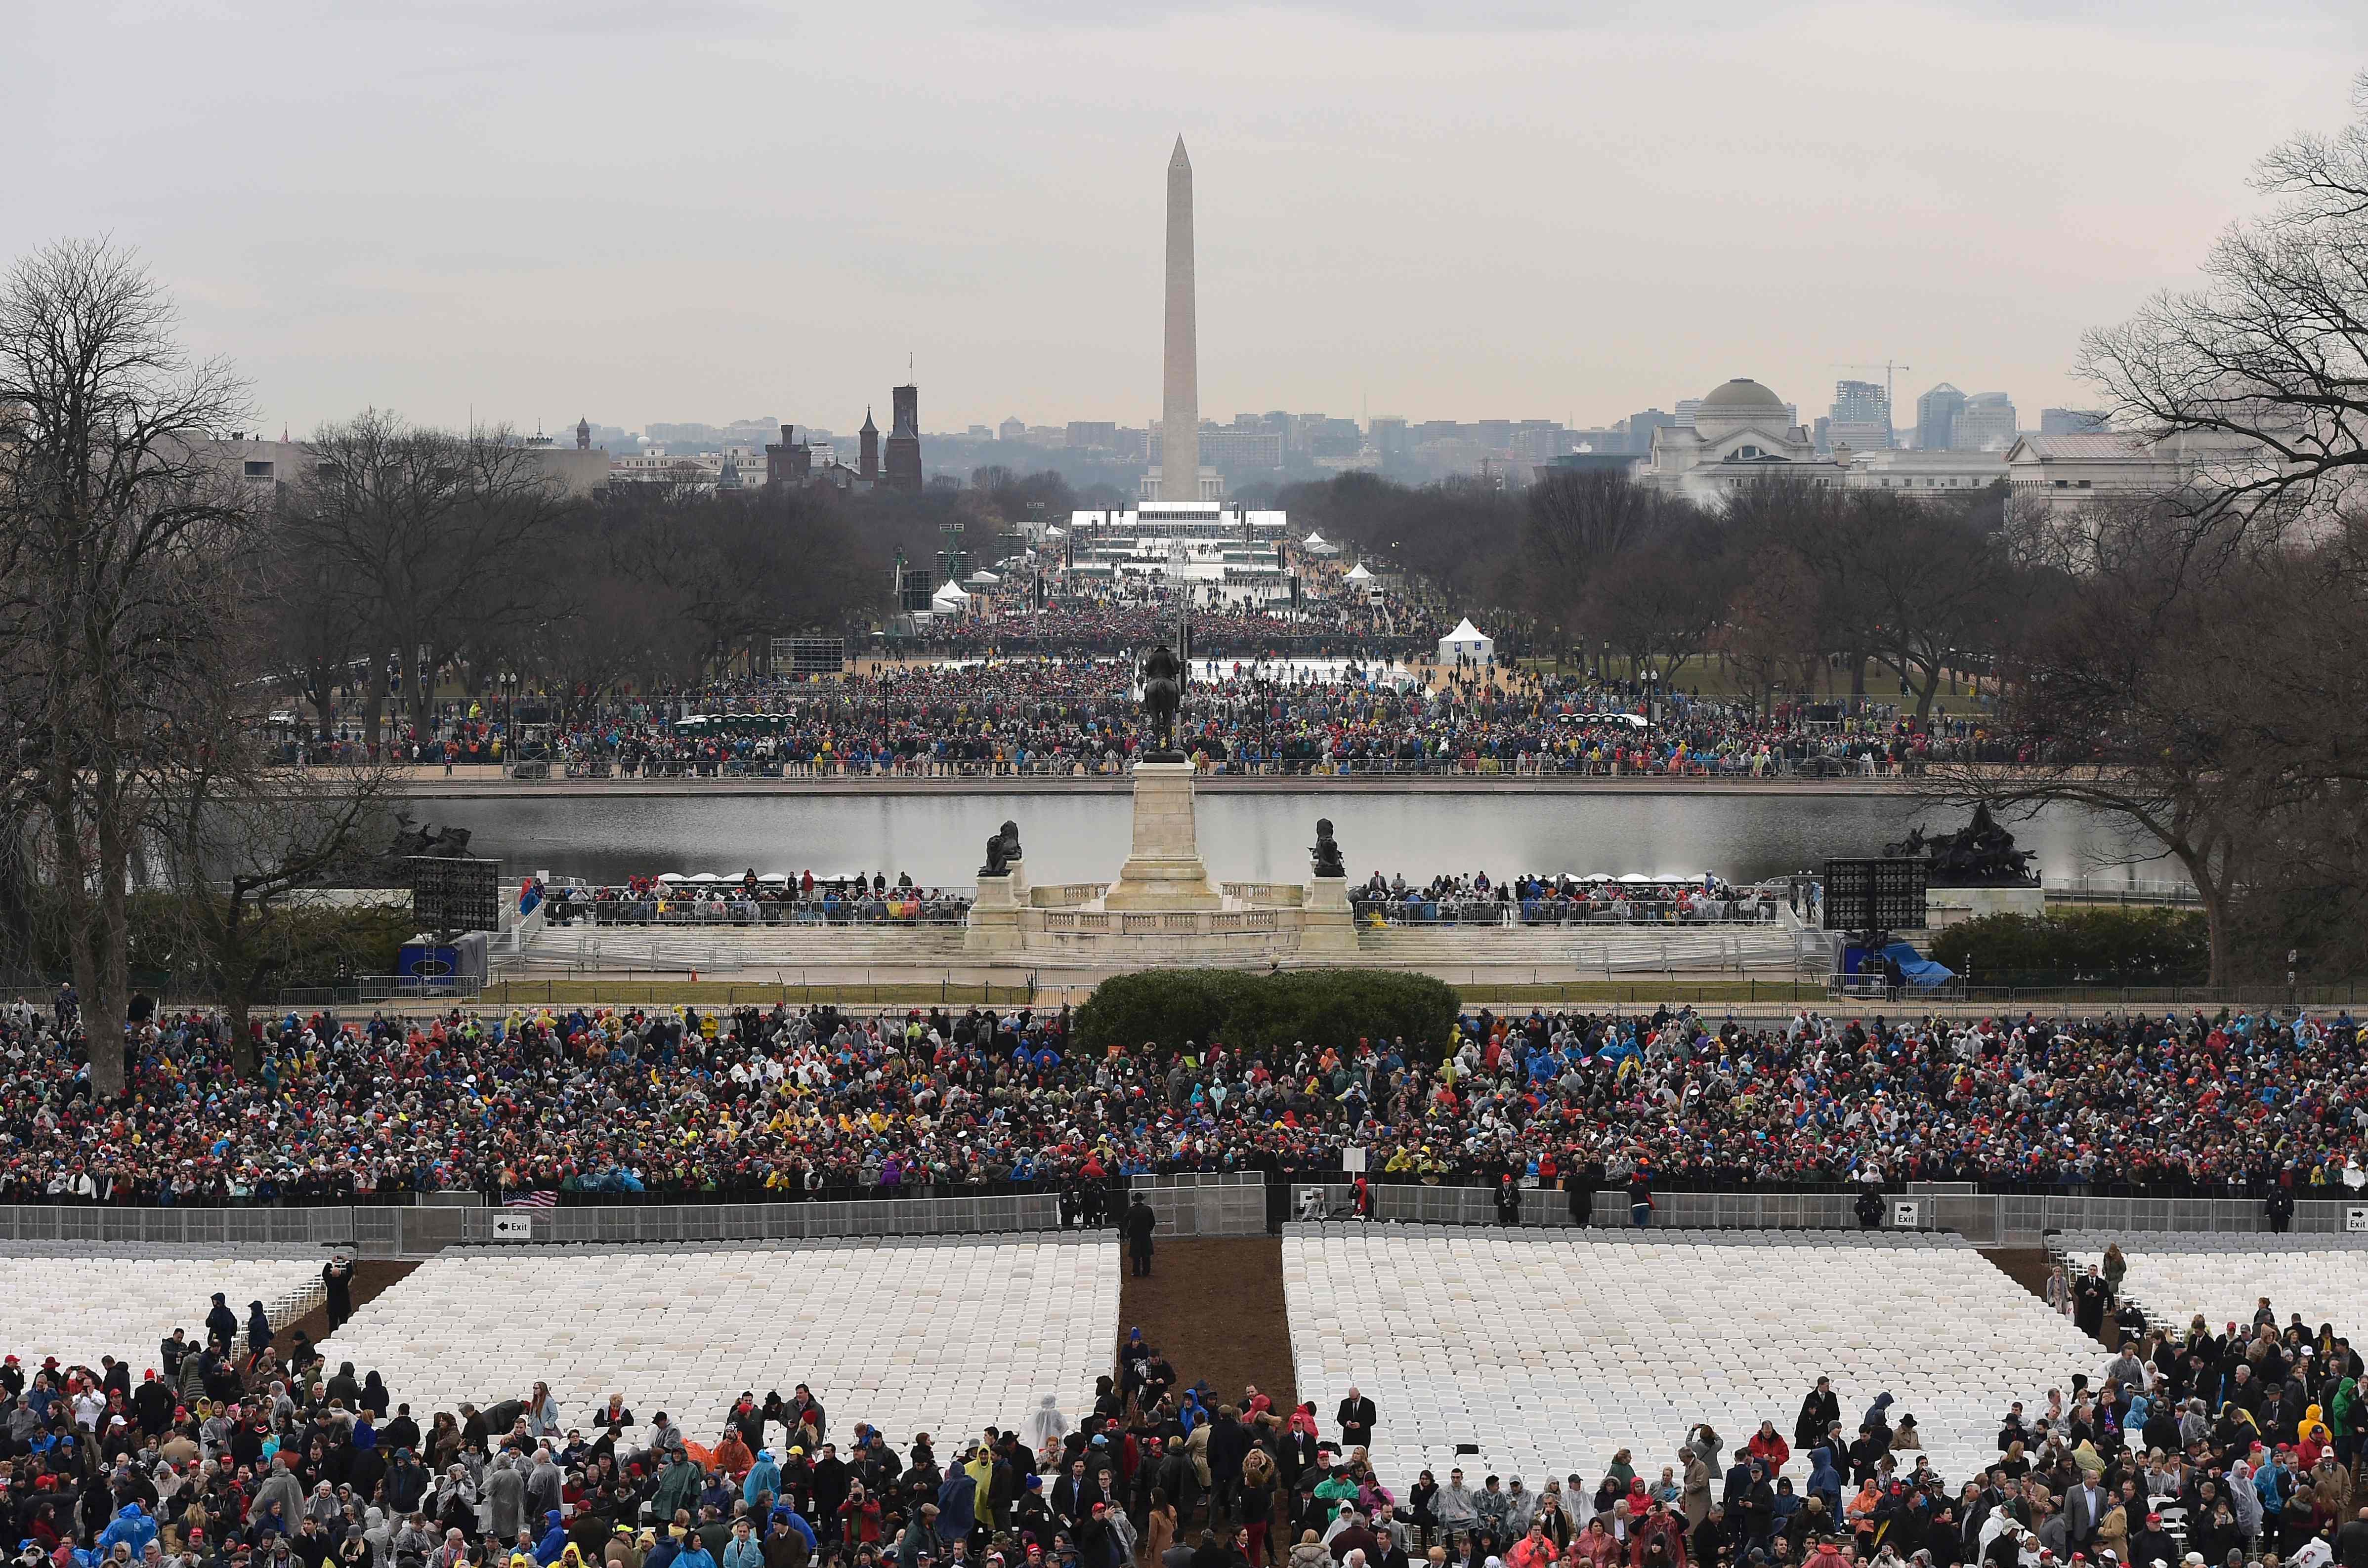 واشنطن تتابع مراسم التنصيب بحشود هائلة